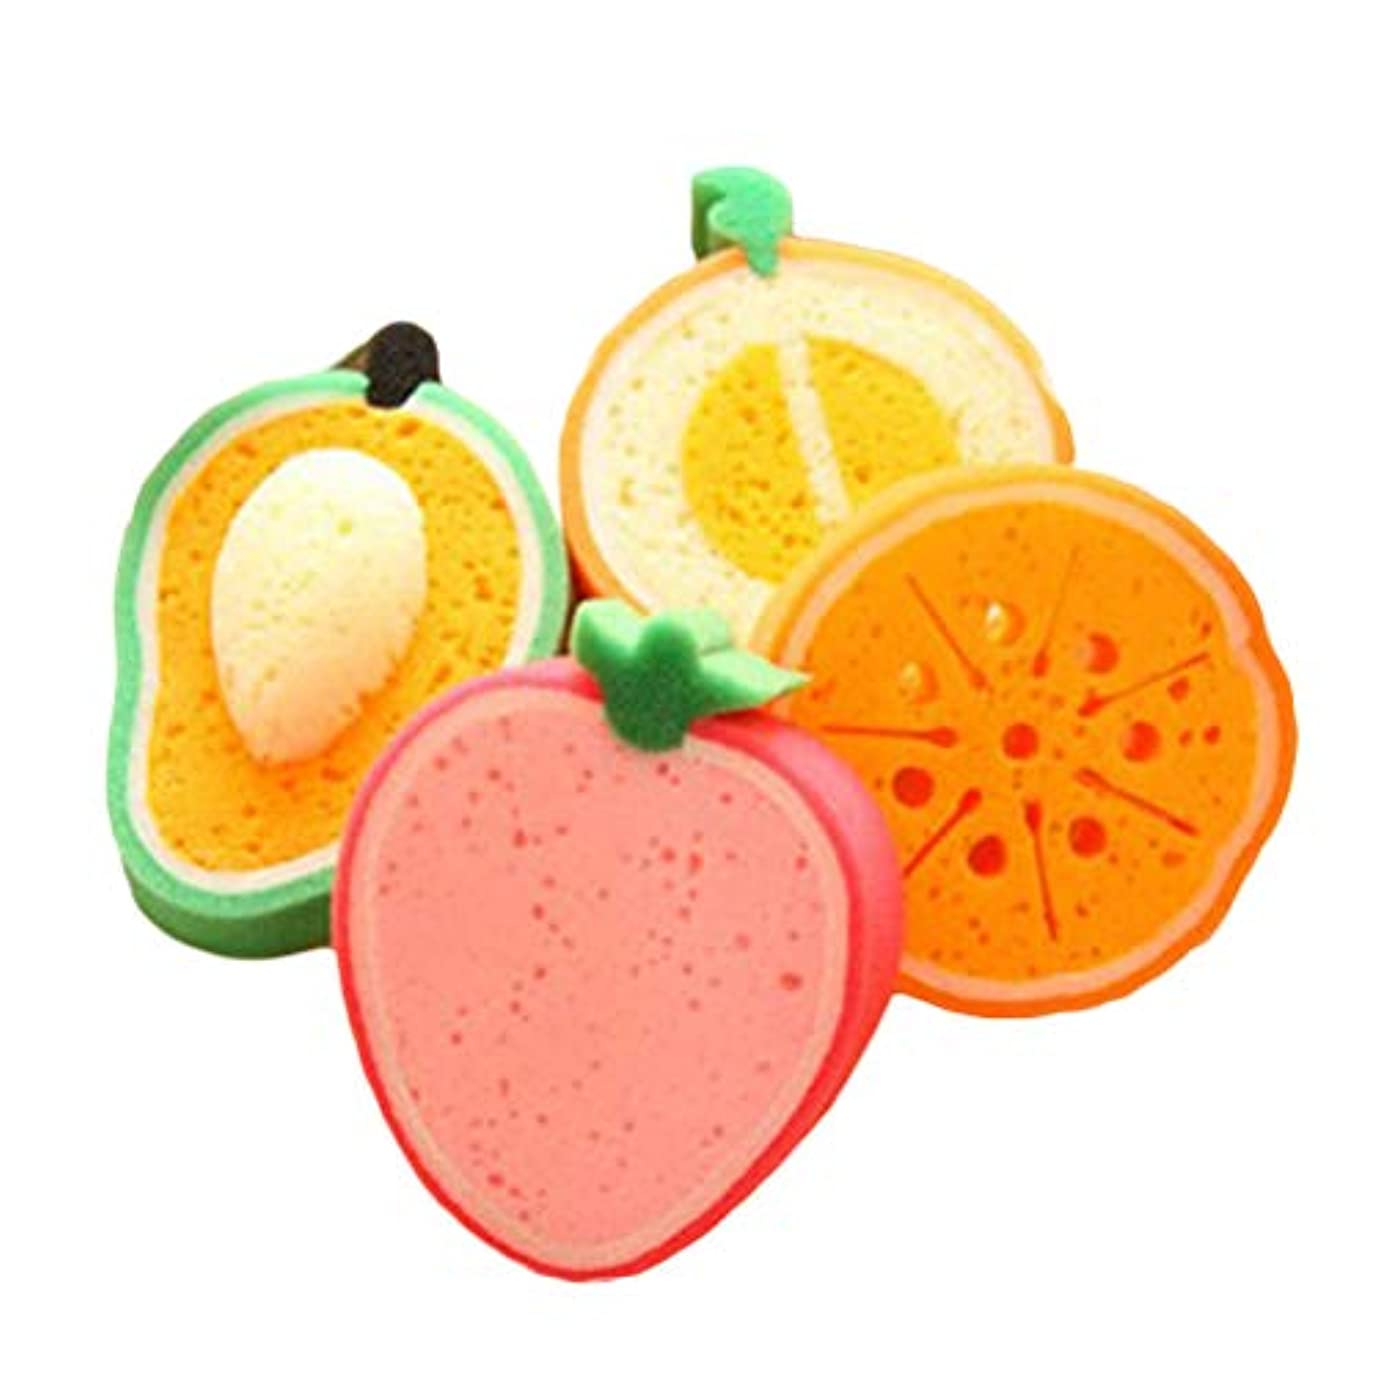 フルーツ外交類推HEALIFTY 4本のベイビーバススポンジ、マンゴーの4つのファンキーフルーツスポンジセットハニー?ドウ?メロンオレンジとストロベリー